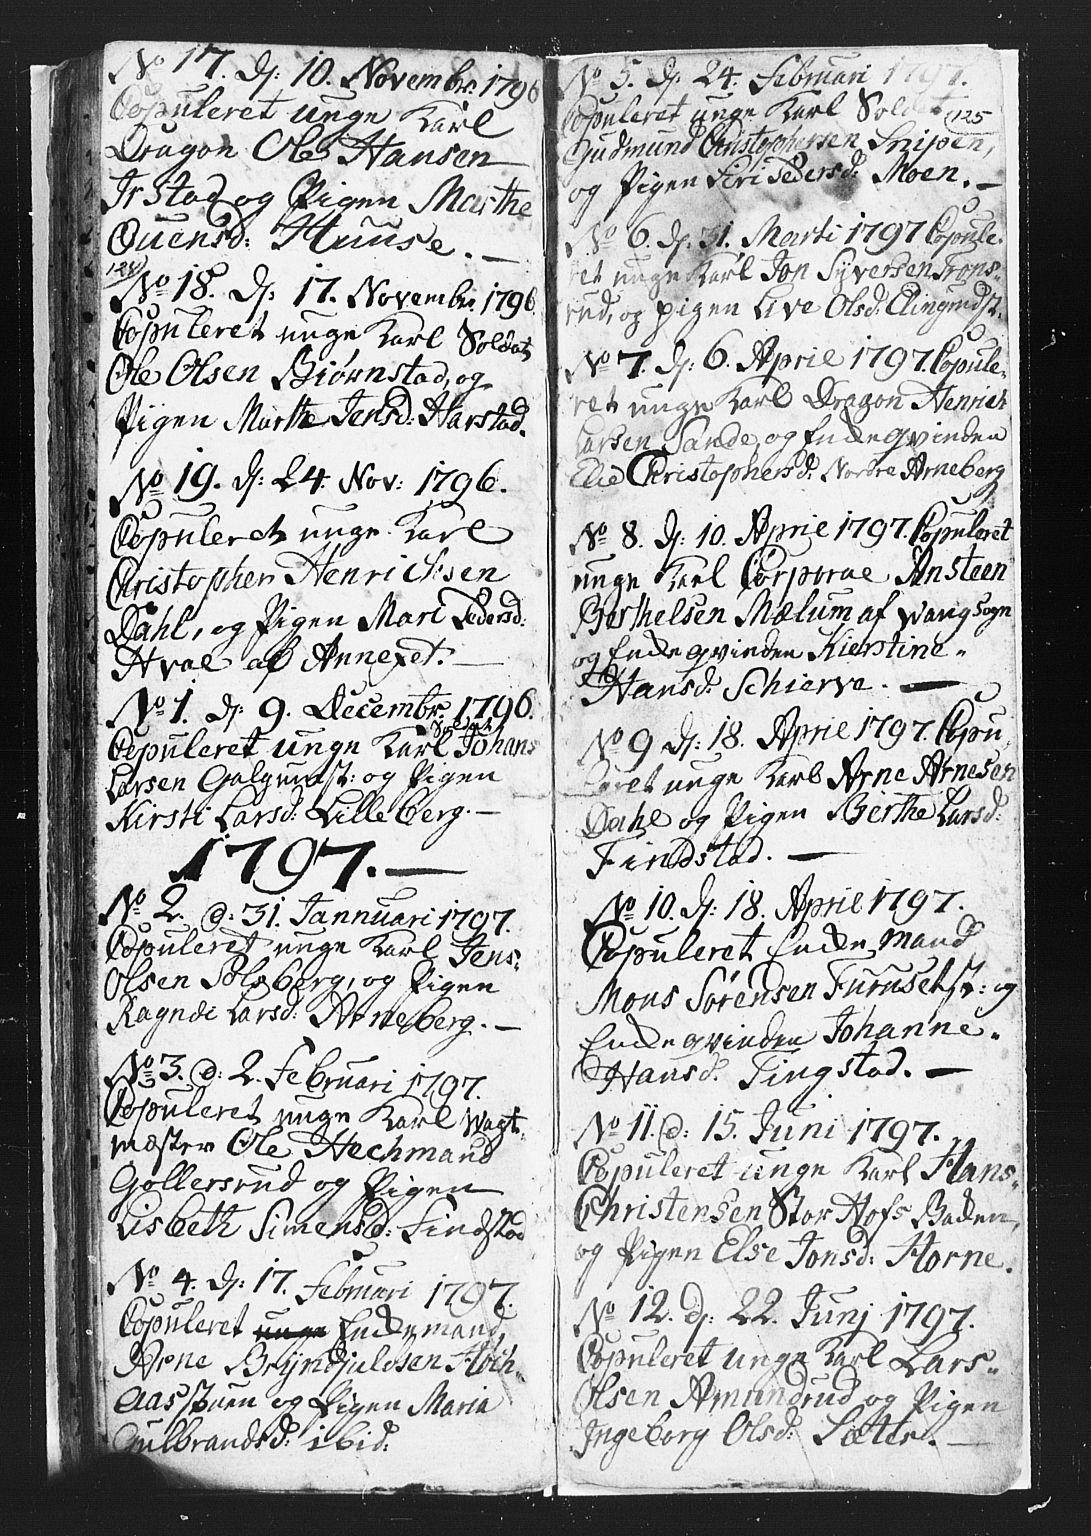 SAH, Romedal prestekontor, L/L0002: Klokkerbok nr. 2, 1795-1800, s. 124-125